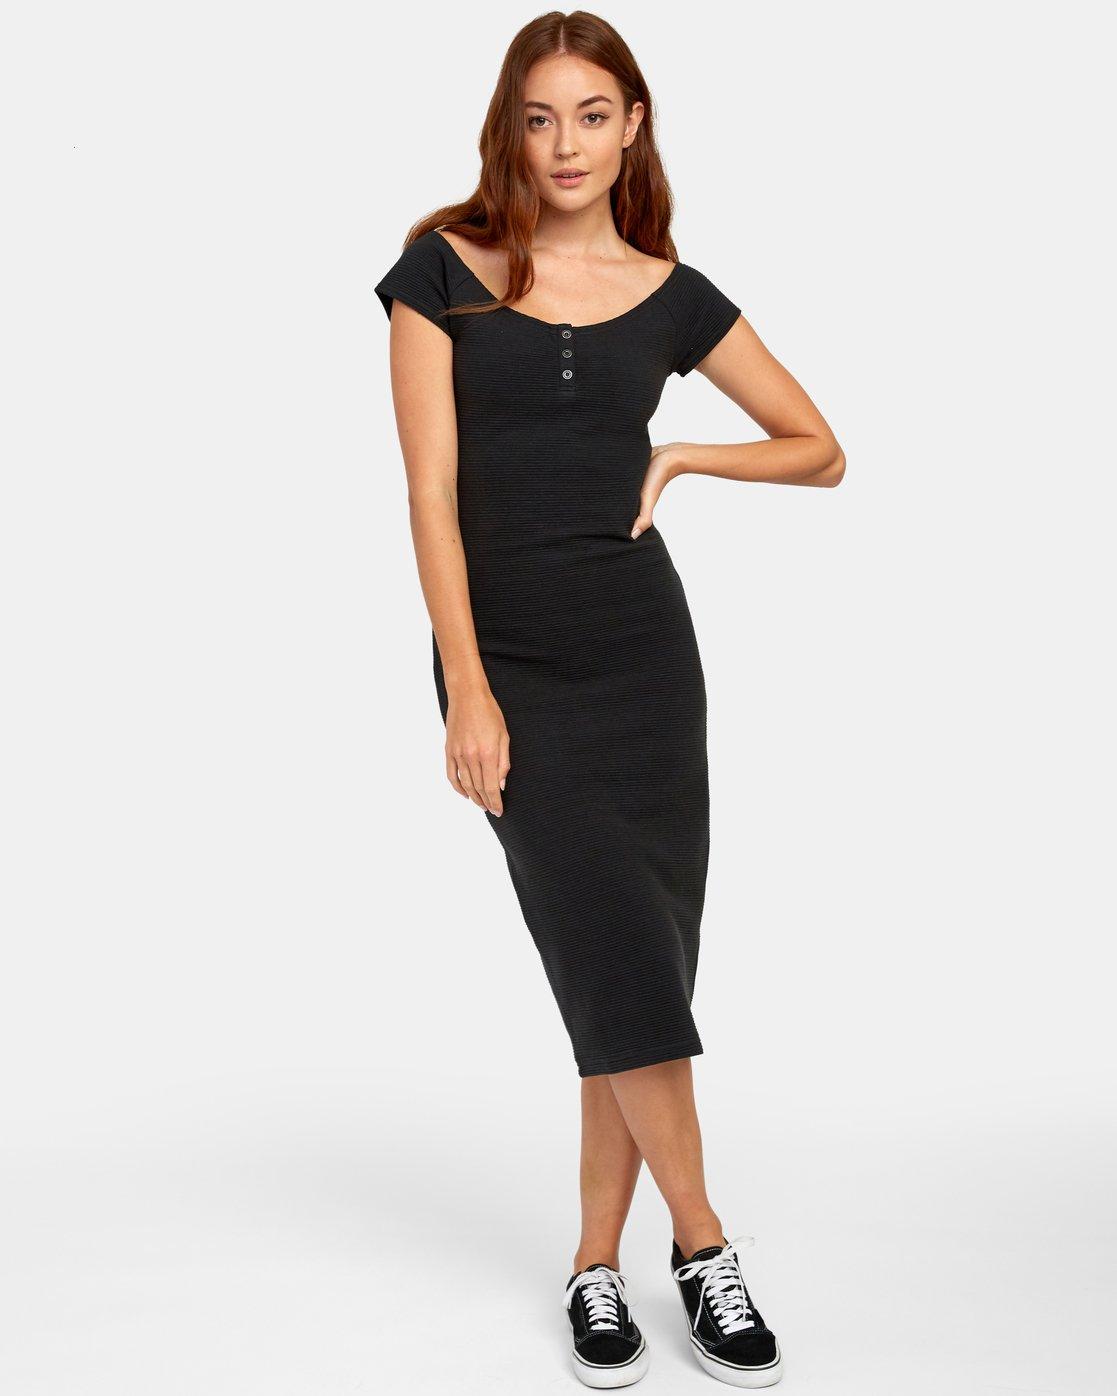 0 STRIPPED DOWN DRESS Black WD141RST RVCA